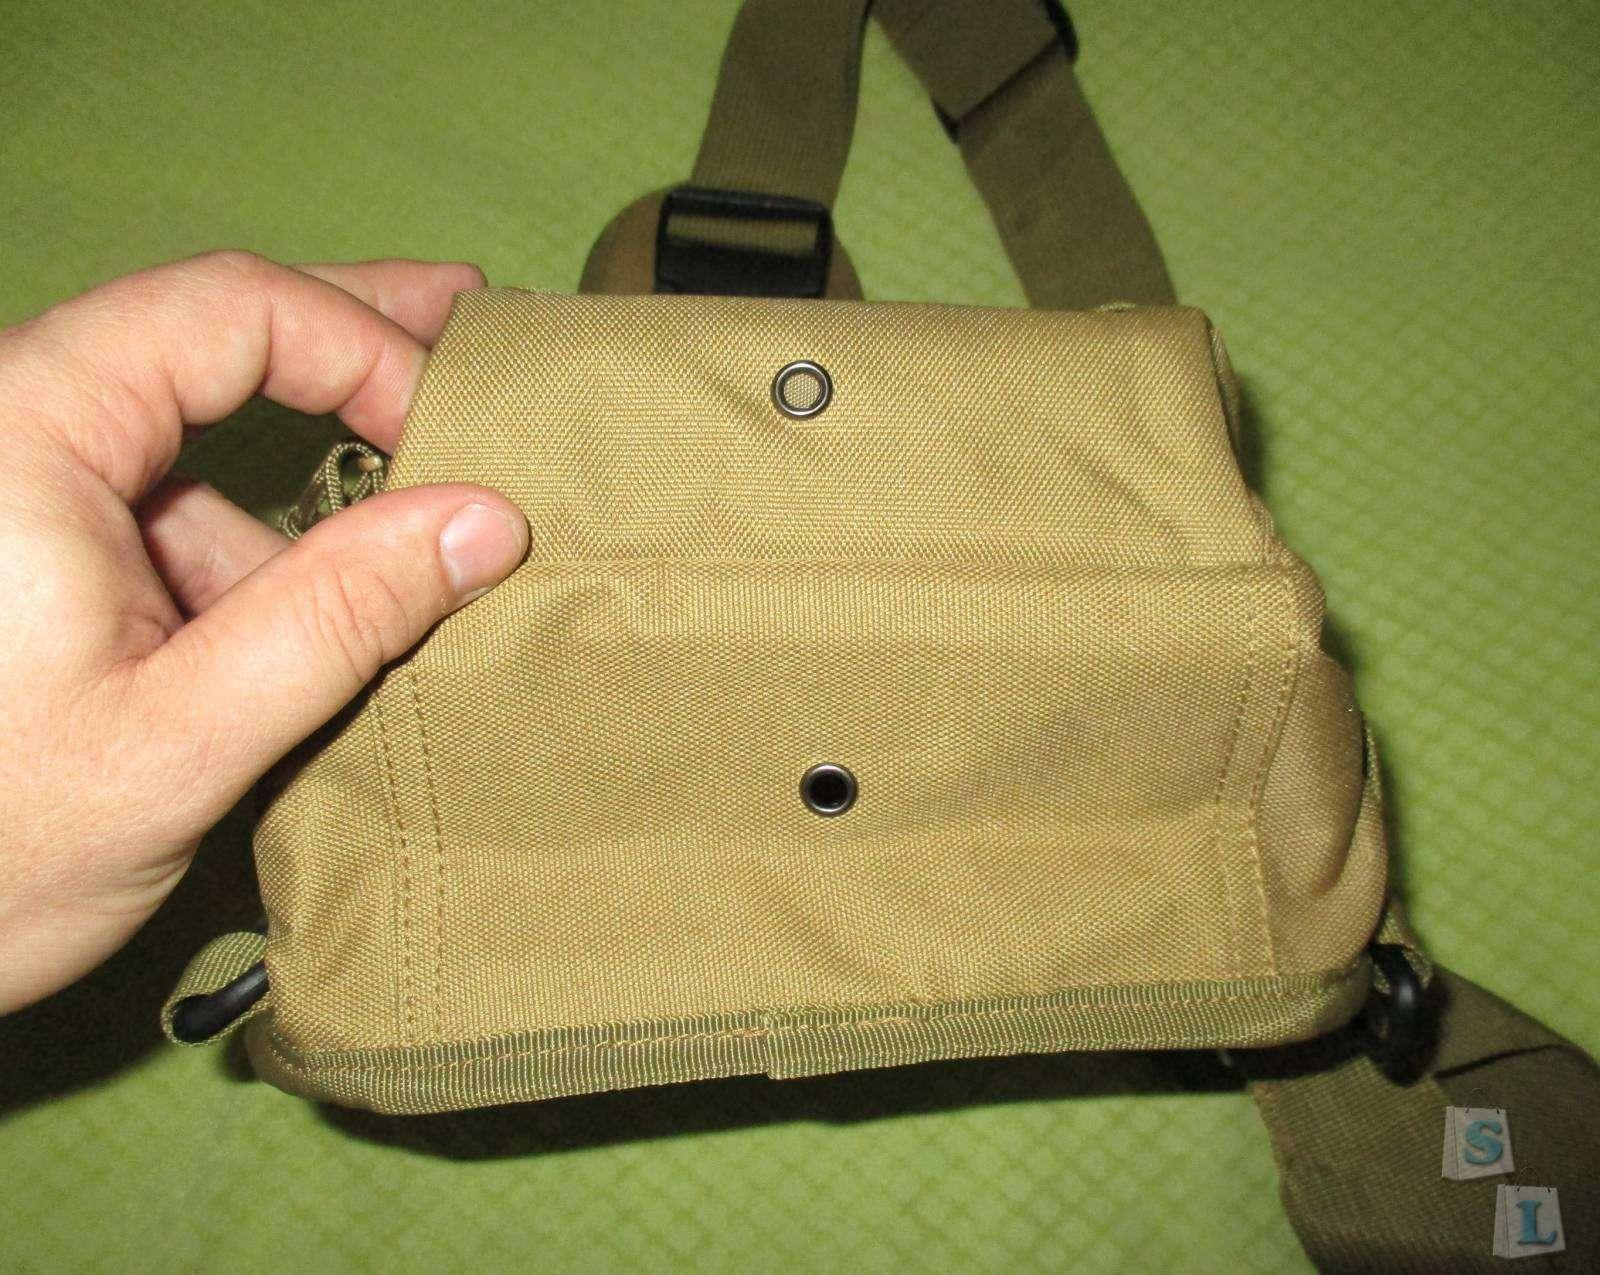 GearBest: Однолямочный тактический рюкзачок из ткани Oxford 600D.